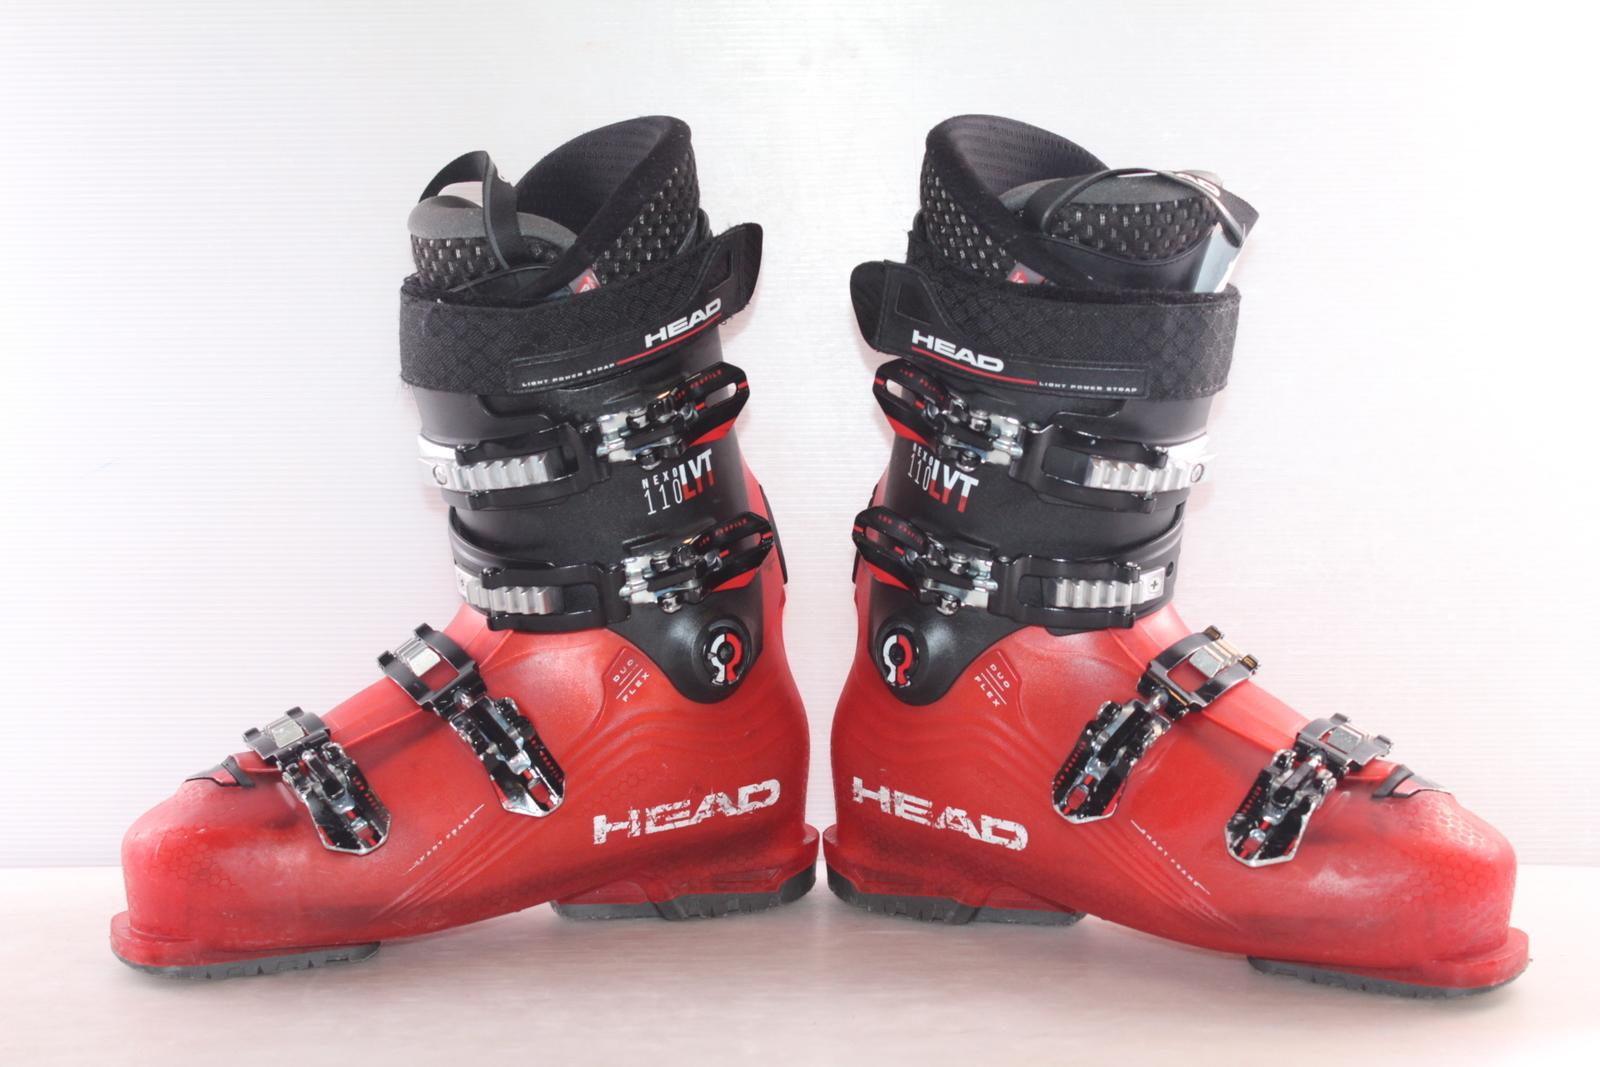 Lyžařské boty Head Nexo Lyt 110 vel. EU45 flexe 110